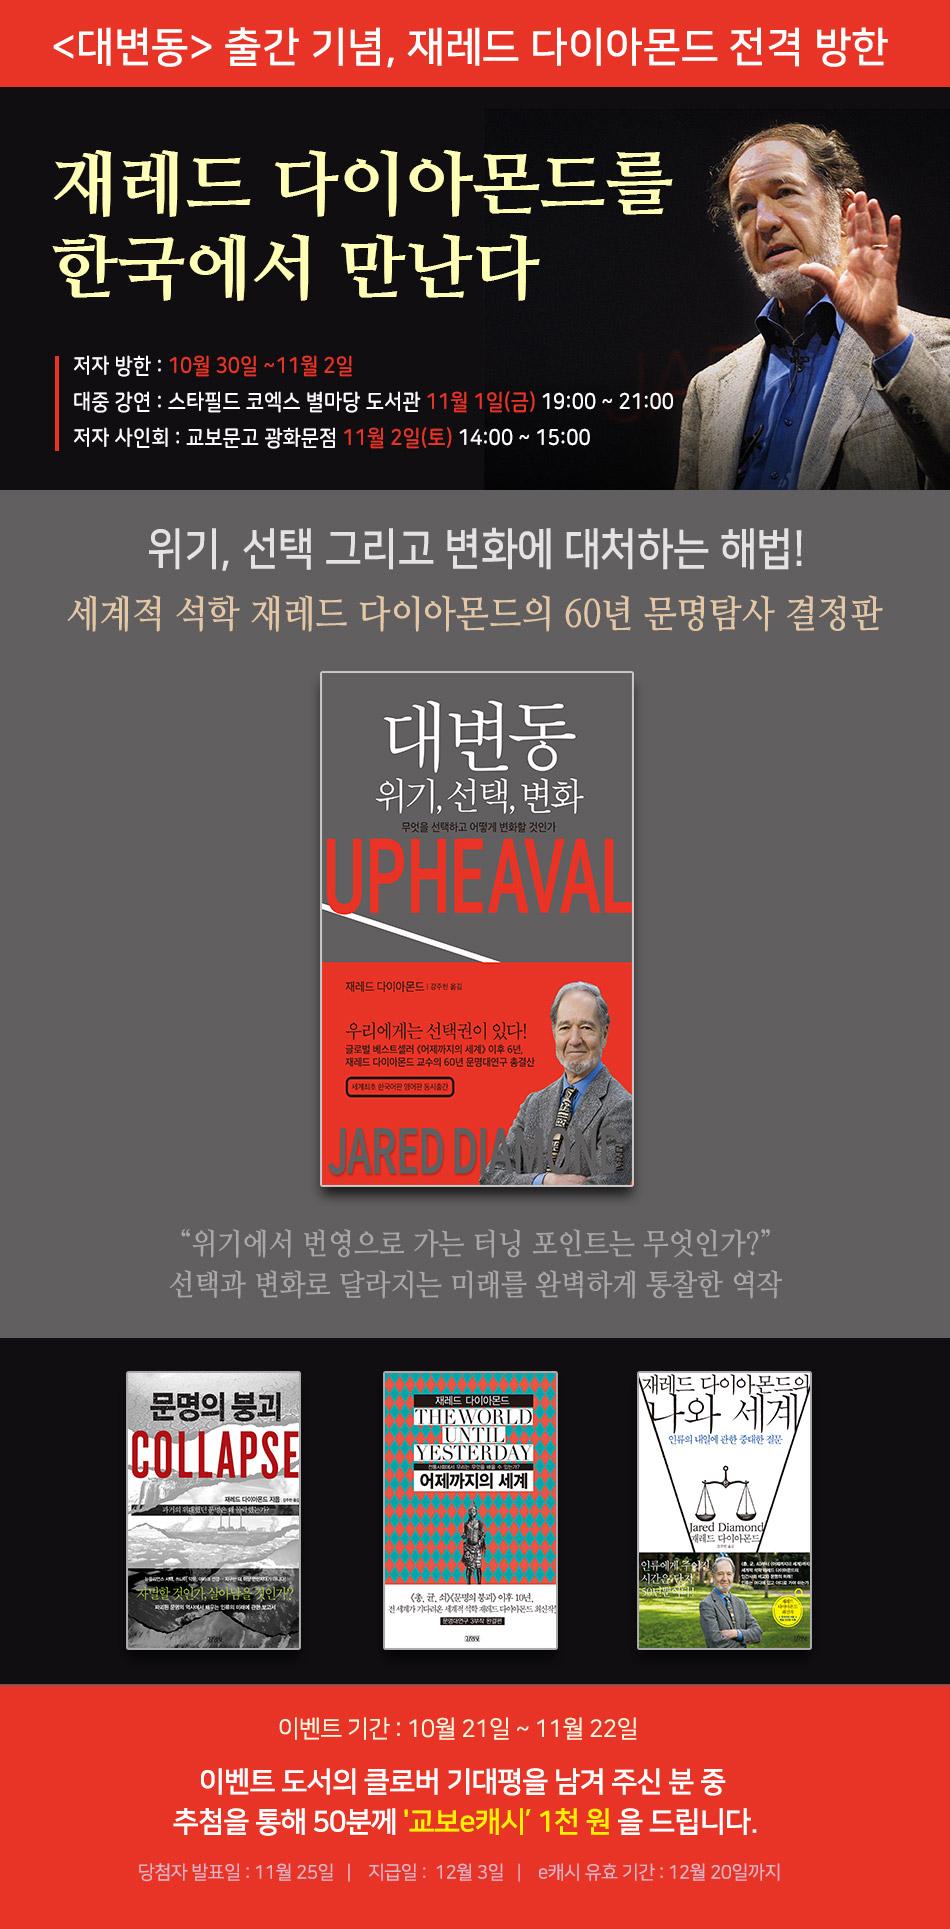 <대변동> 저자 방한 이벤트